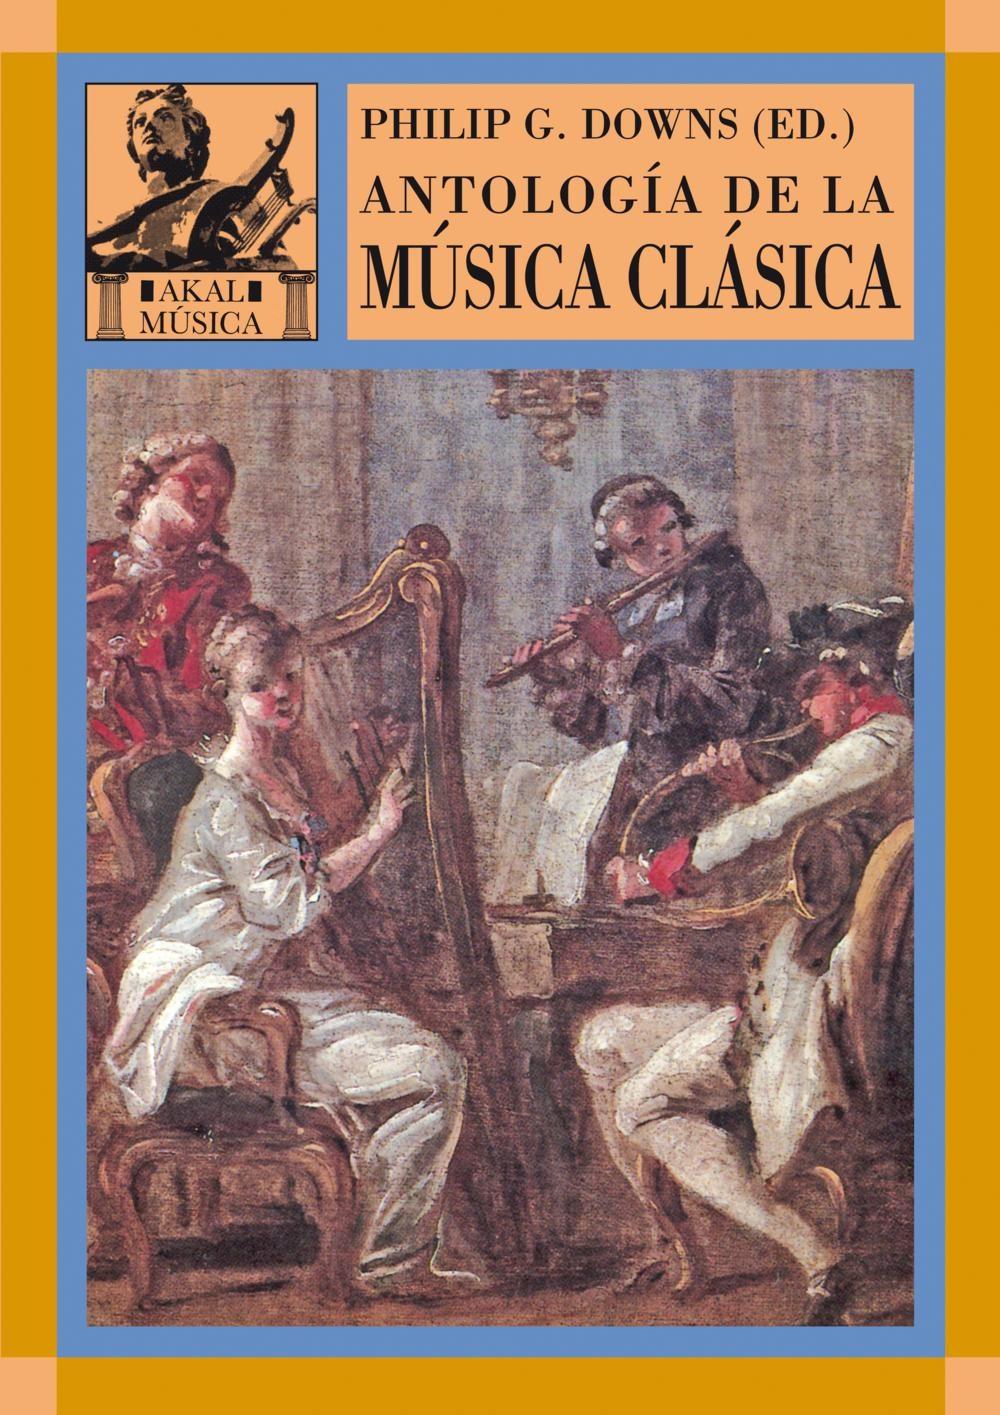 antologia de la musica clasica-philip g. downs-9788446016137